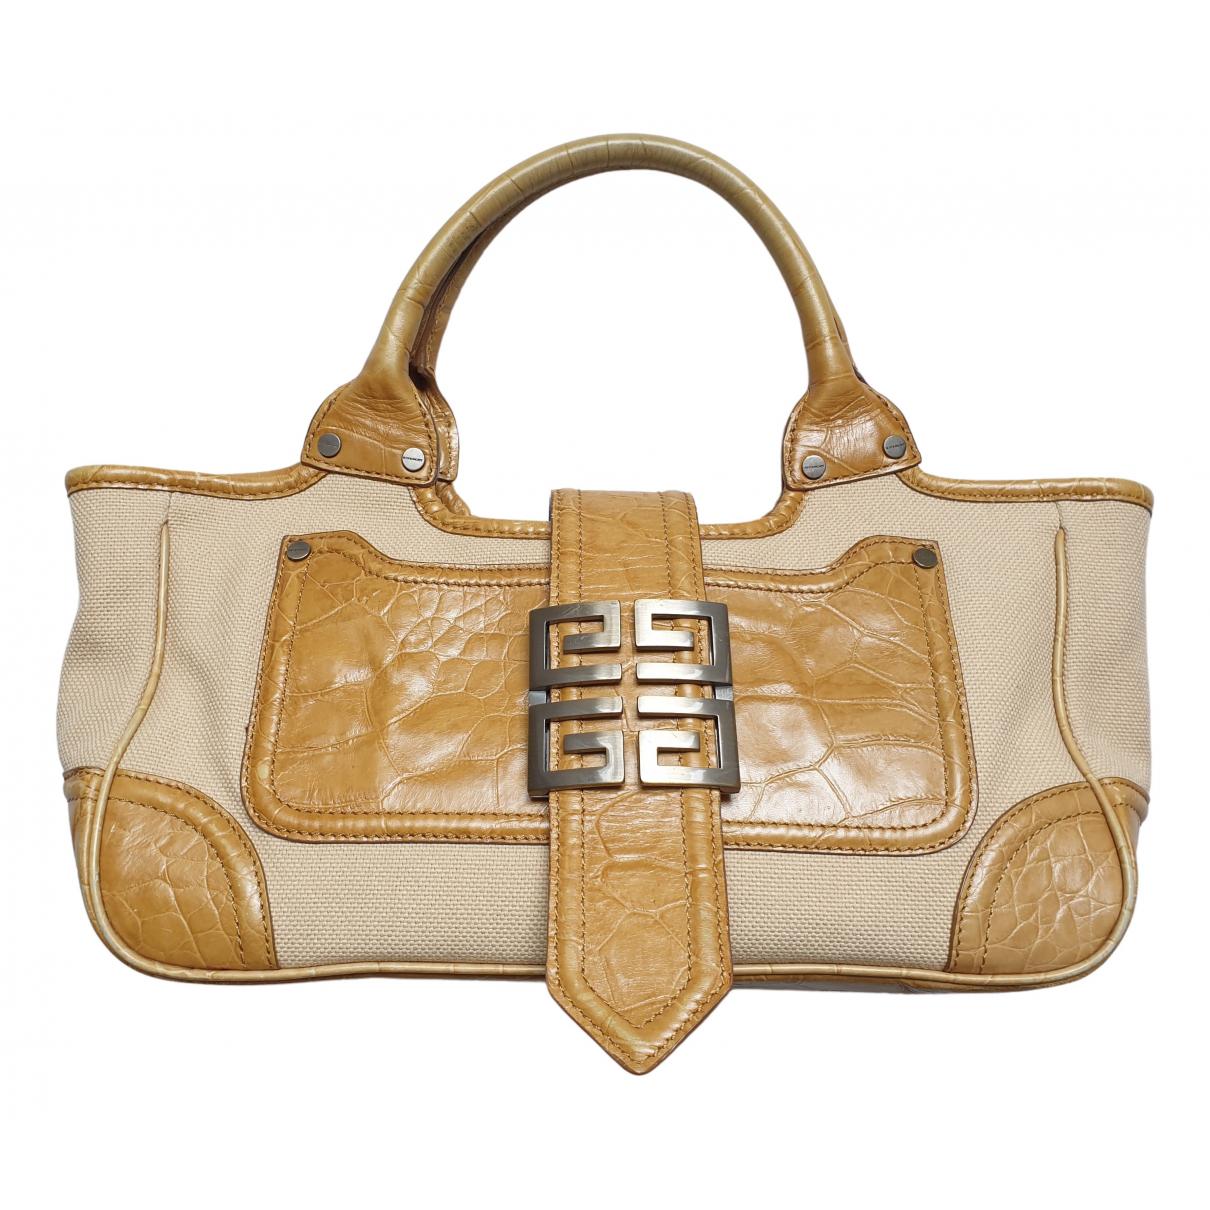 Givenchy - Sac a main   pour femme en toile - beige